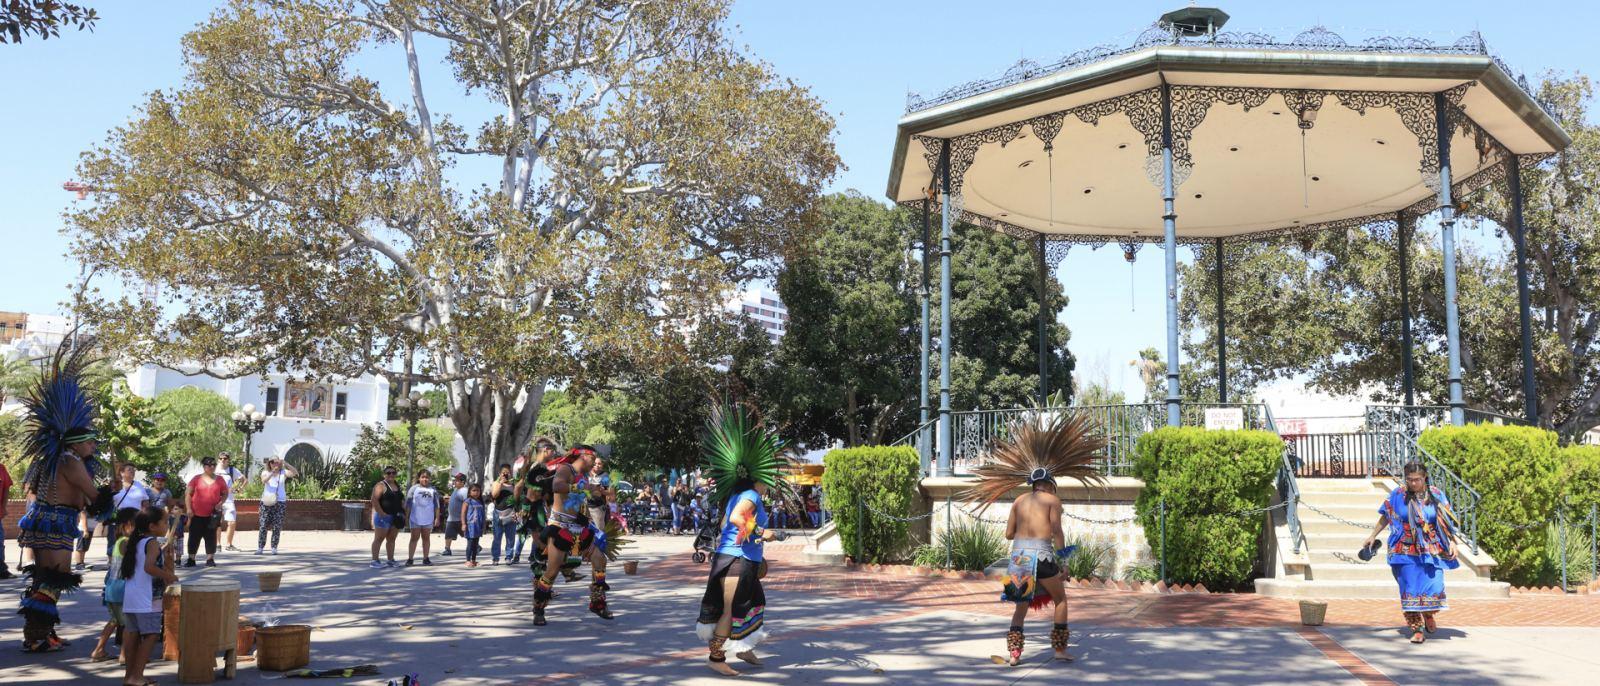 La Plaza Park